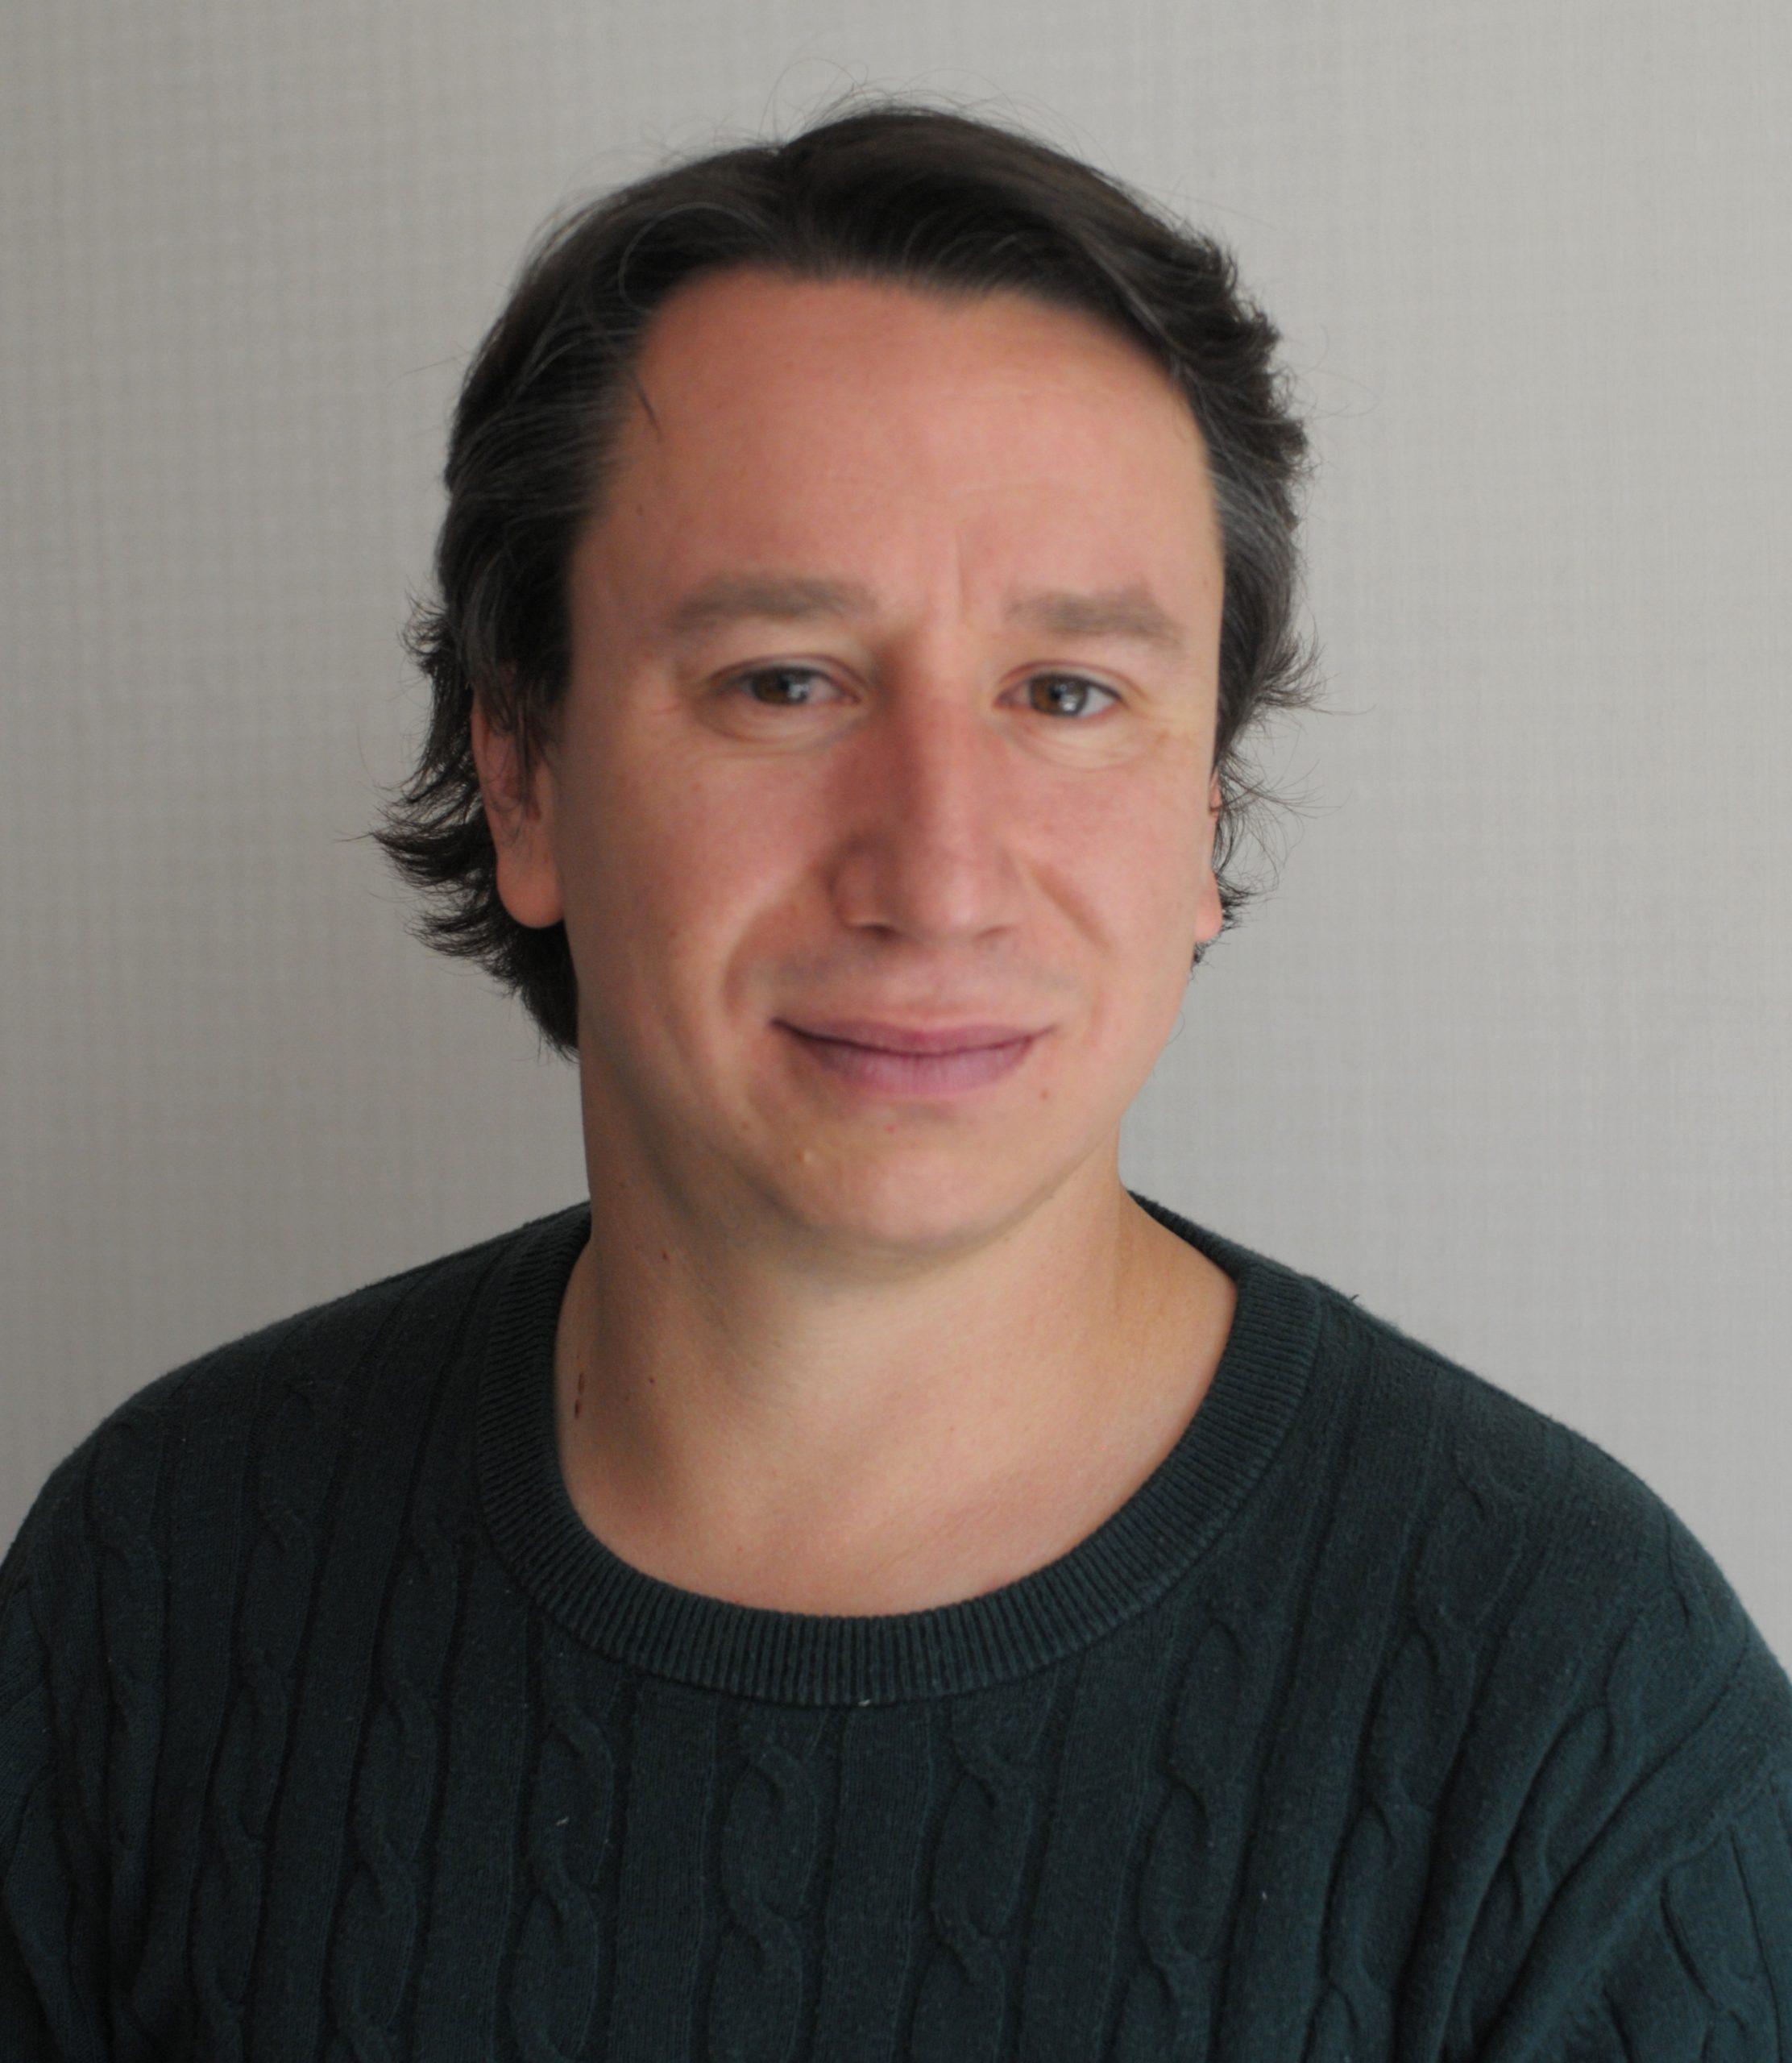 Cristián Almarza